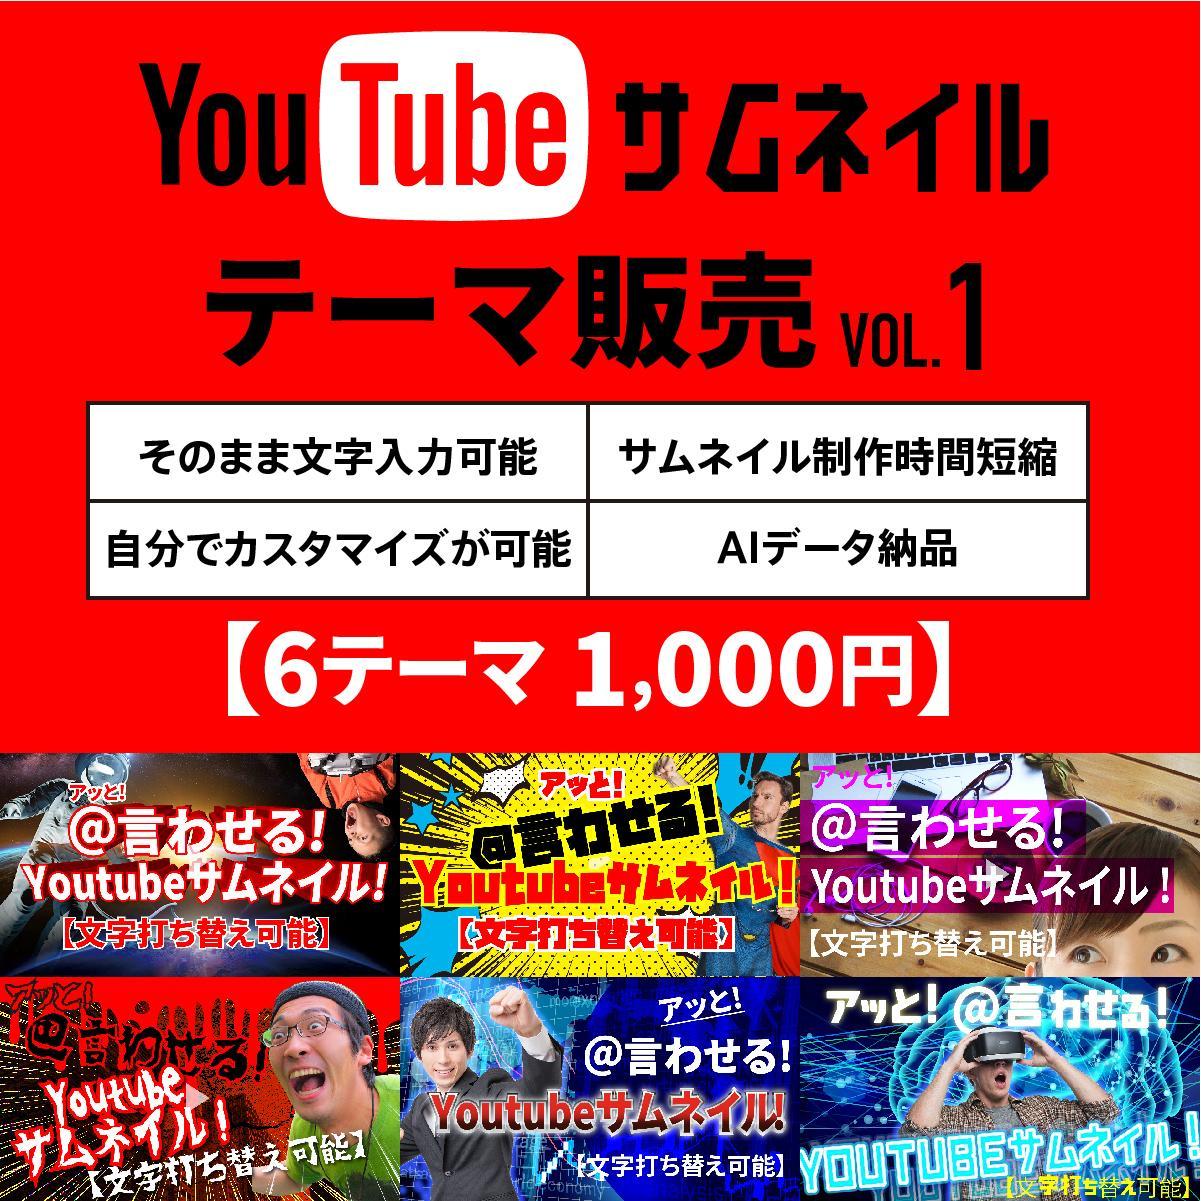 Youtubeサムネイル用テーマ販売します 簡単!文字を打ち変えるだけ画像変えるだけで完成。作業効率UP イメージ1